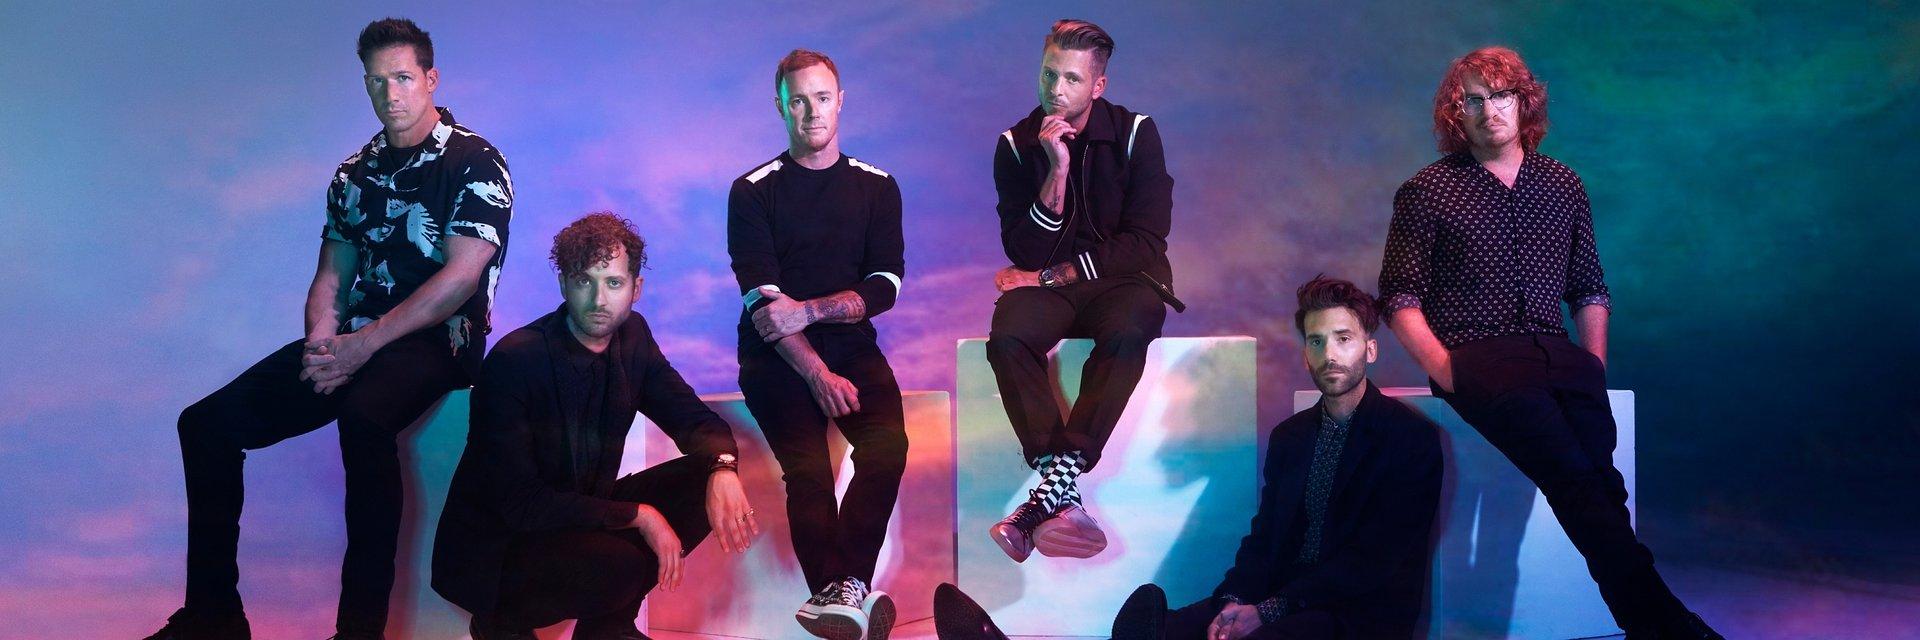 """OneRepublic z wyczekiwaną płytą """"Human"""" i nowym singlem """"Someday"""""""